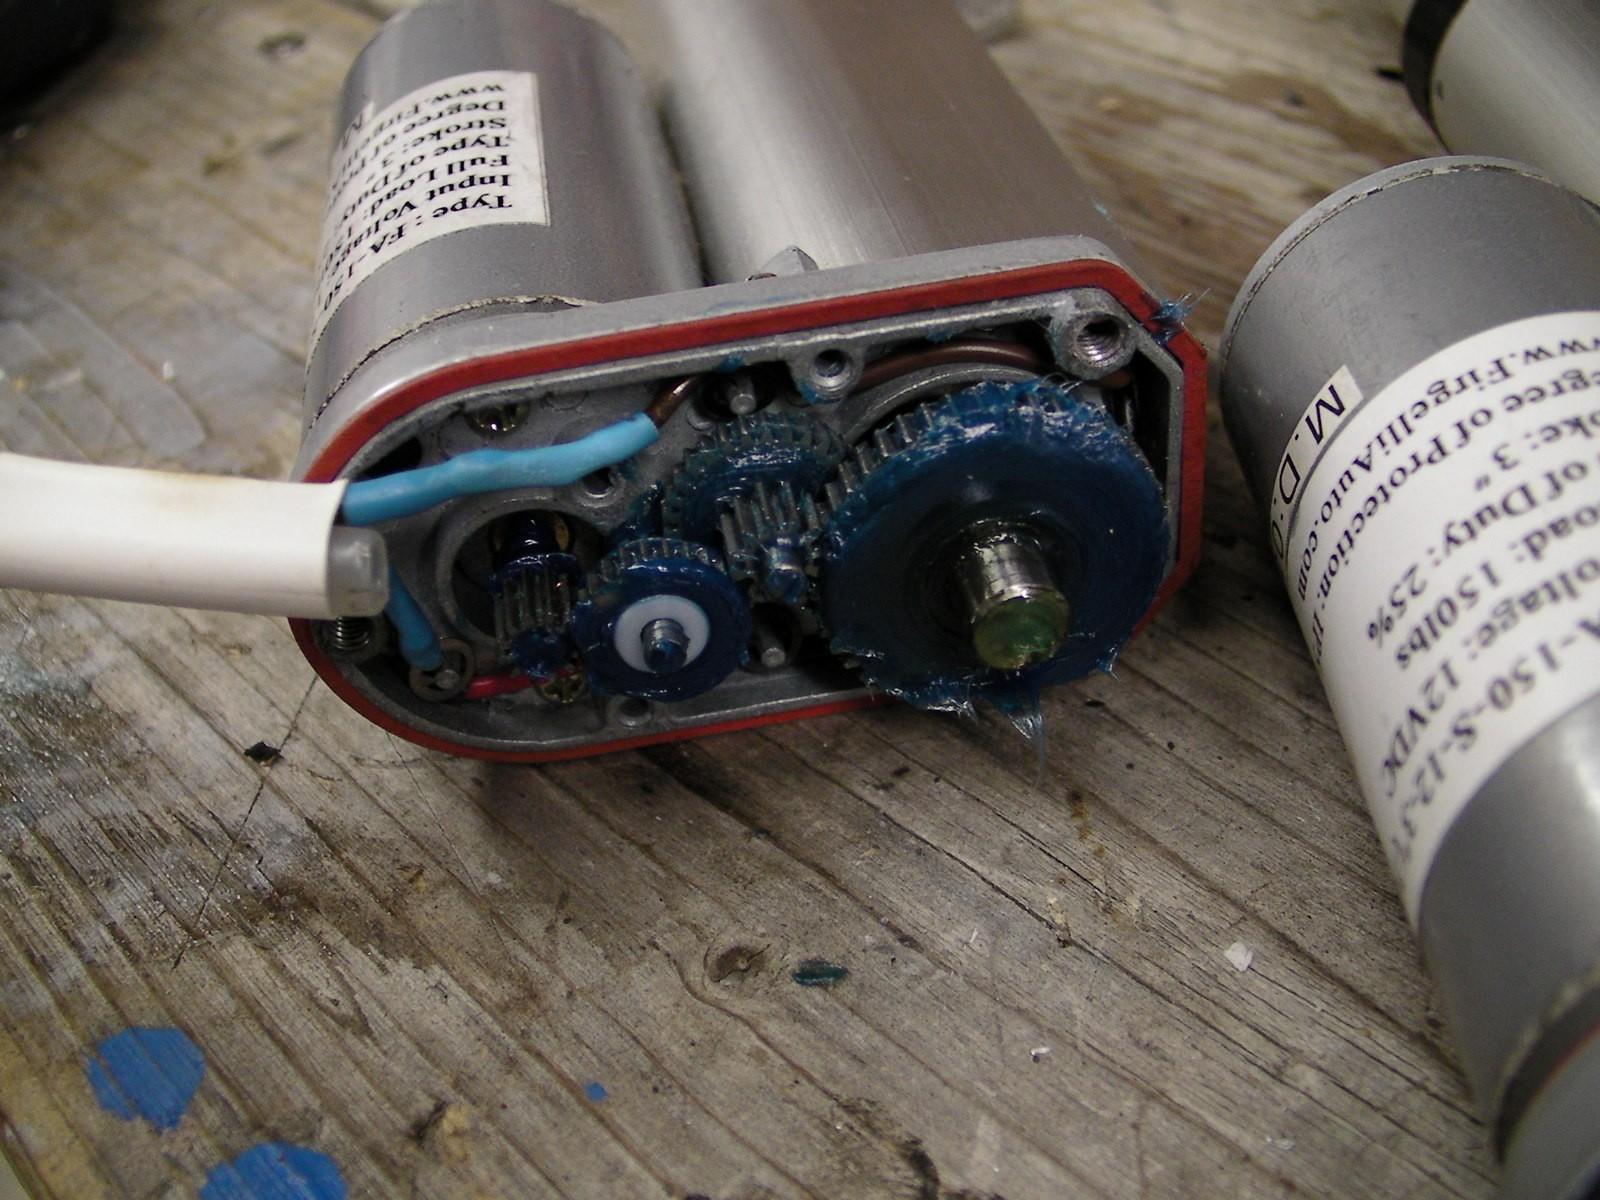 John Deere Gator Ts 4 X 2 Wire Power Lift Fell Apart Of John Deere Gator Ts 4 X 2 Wire